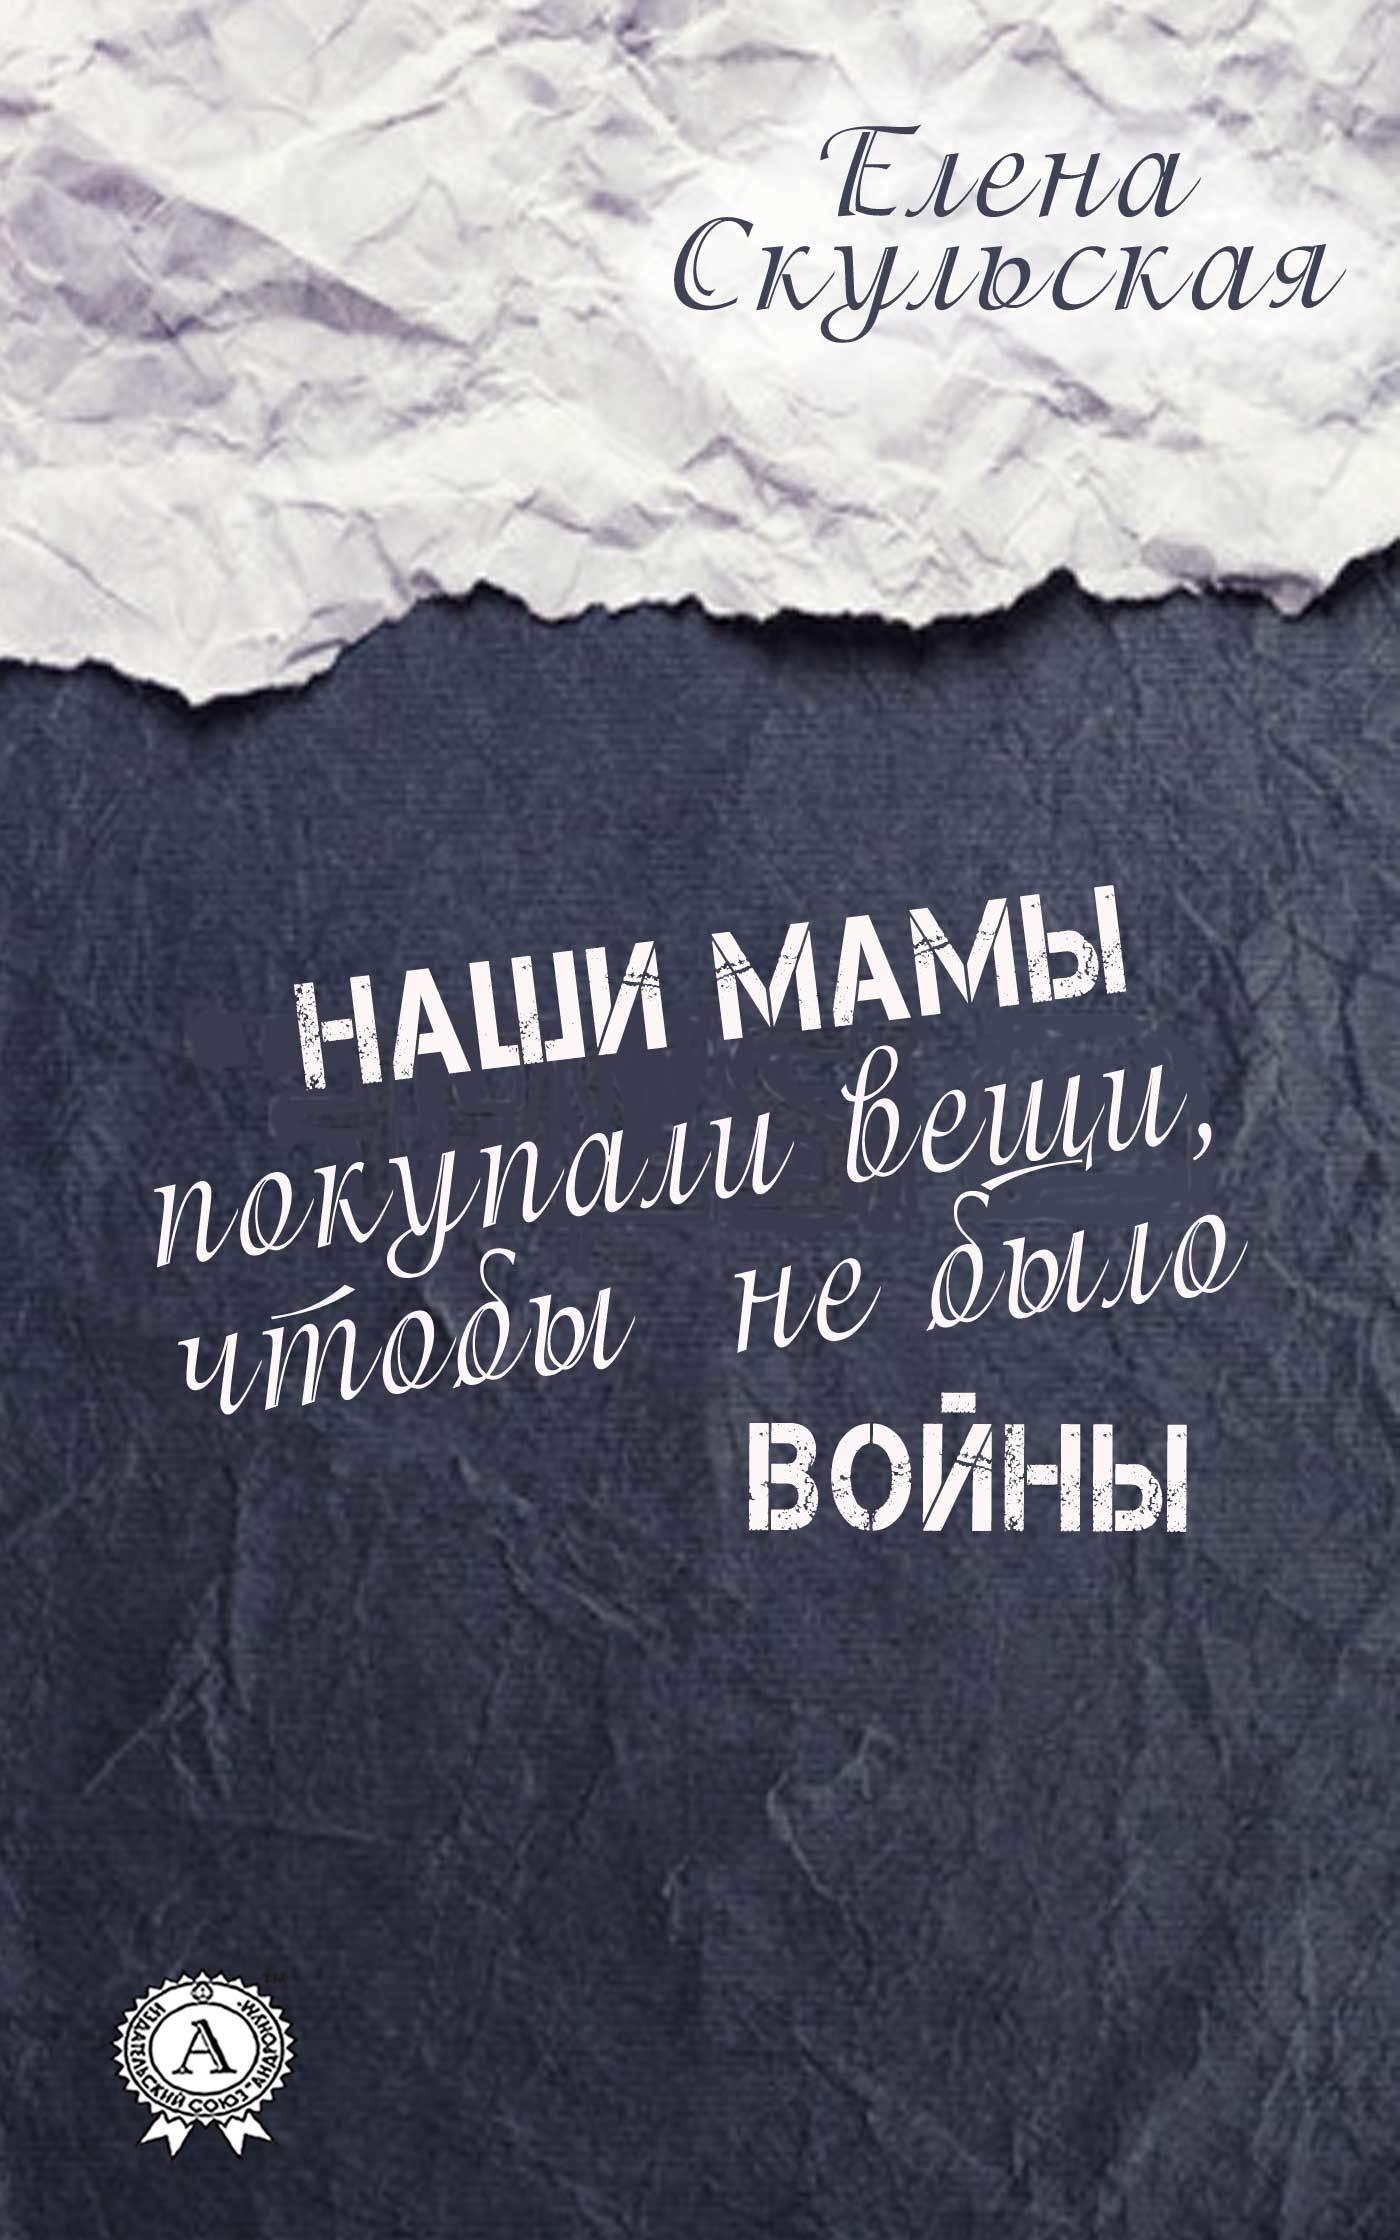 Обложка книги Наши мамы покупали вещи, чтобы не было войны, автор Скульская, Елена